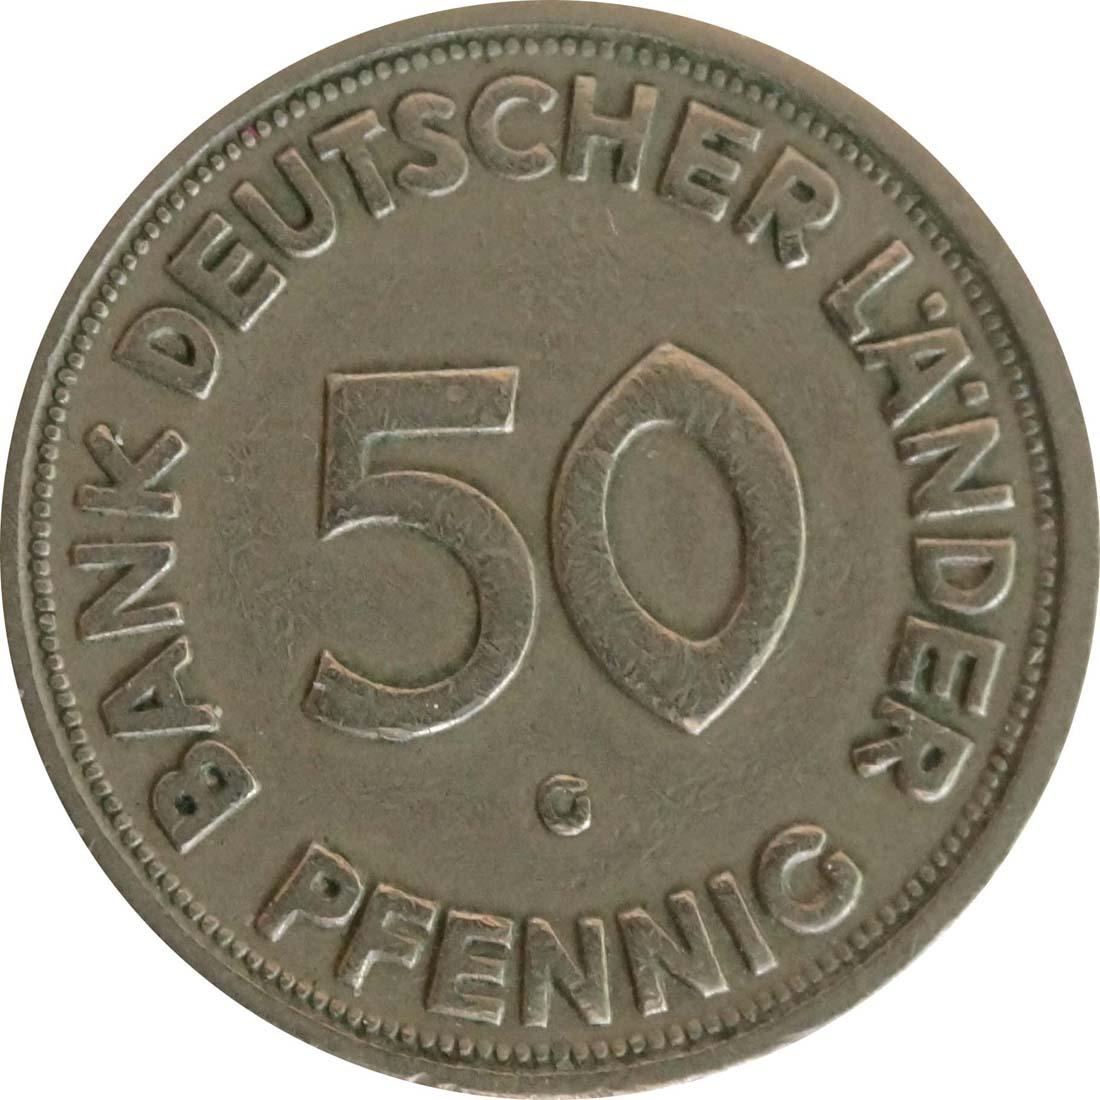 Rückseite:Deutschland : 50 Pfennig  Kursmünze Bank deutscher Länder  1950 ss.